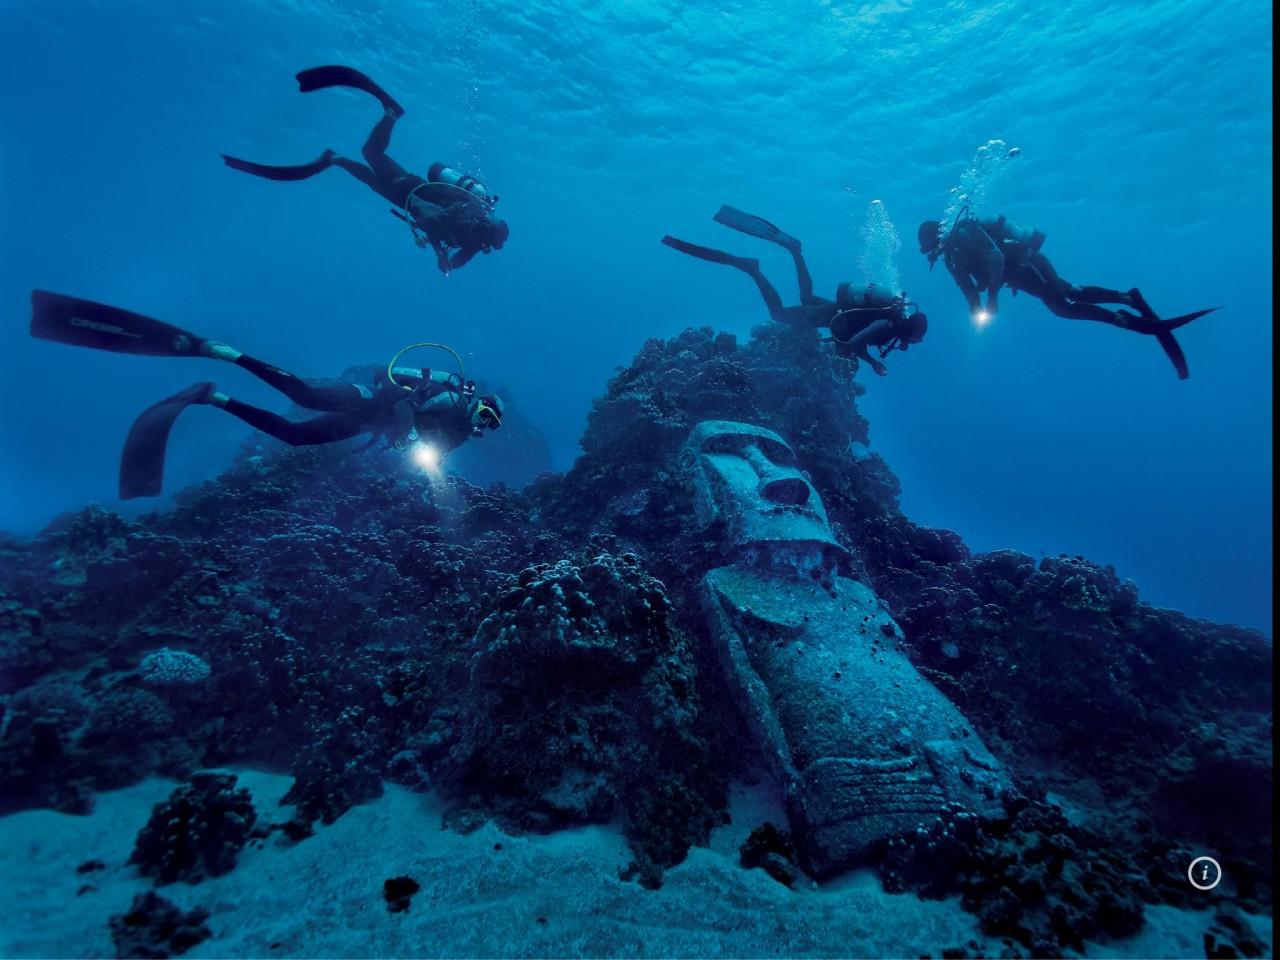 Статуи с острова Пасхи нашли еще и под водой! Уникальное открытие!